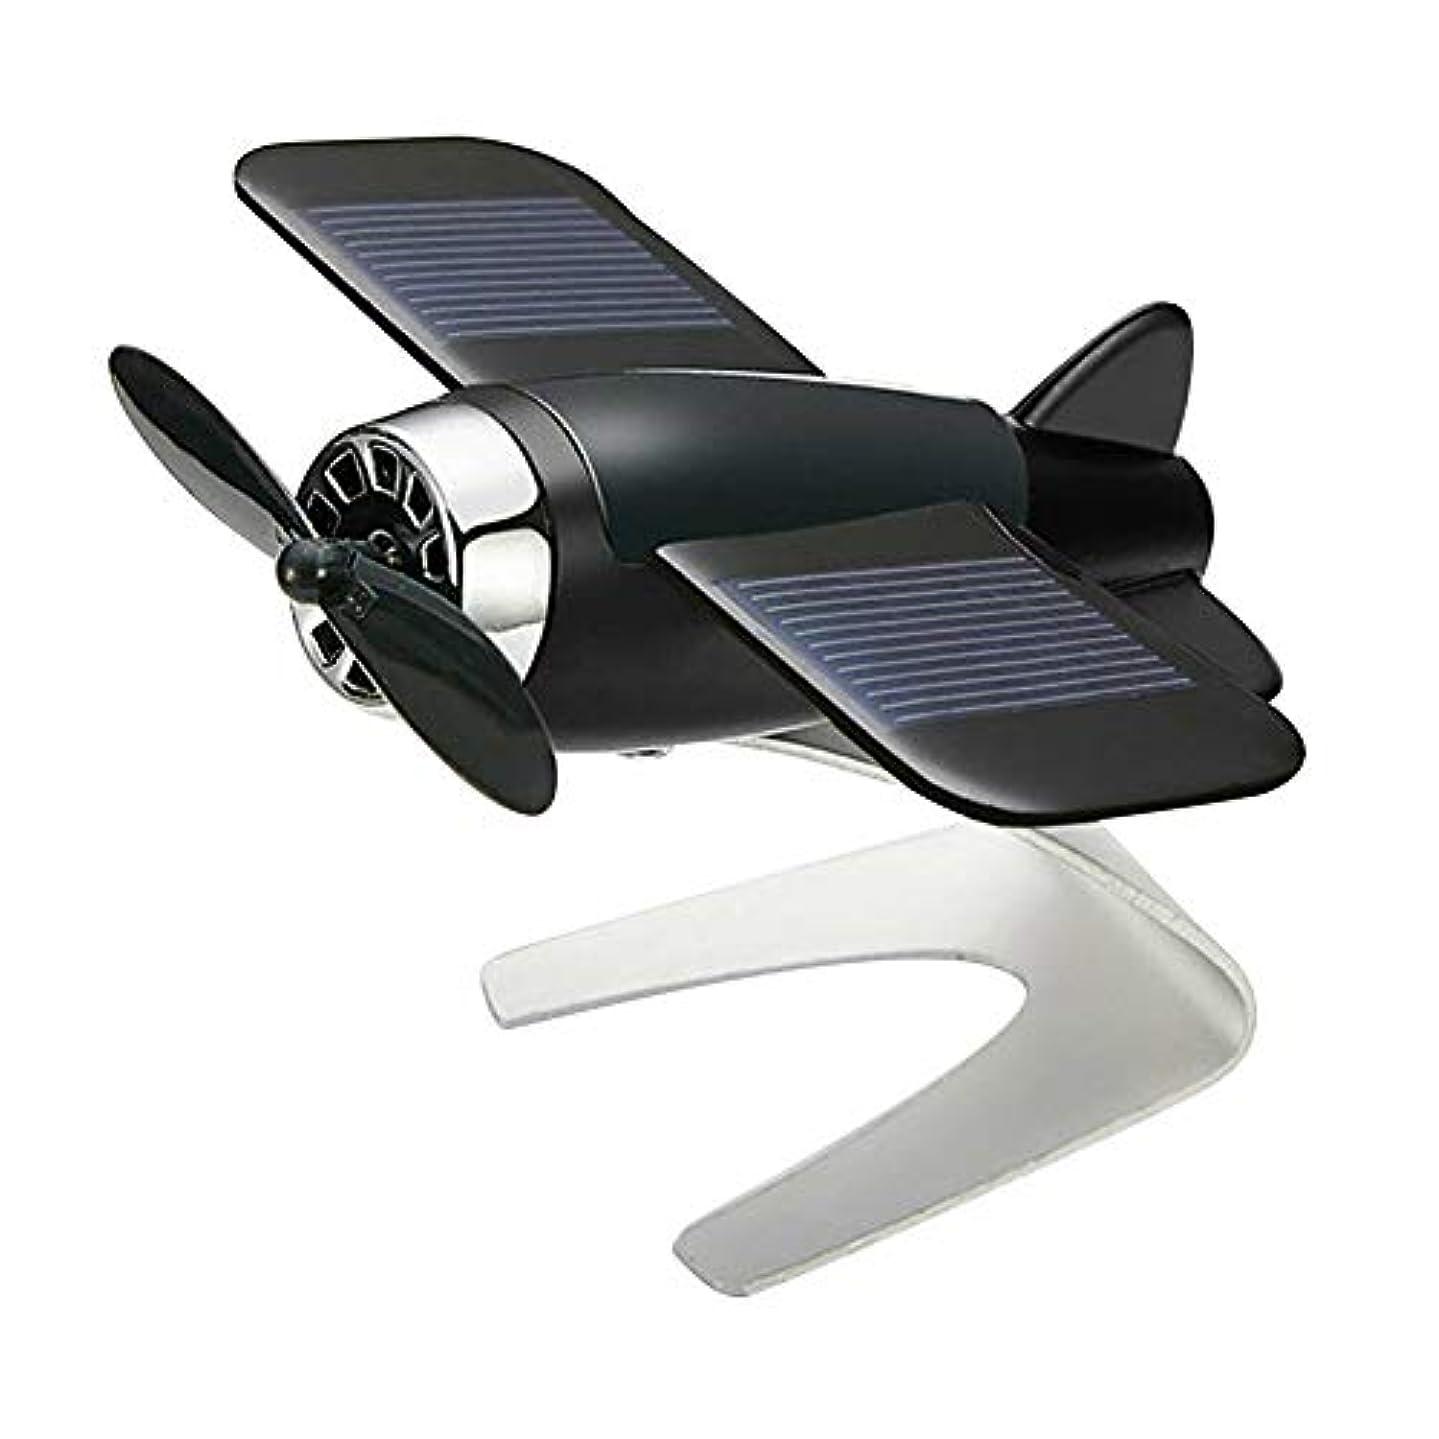 ポジション配るふつうSymboat 車の芳香剤飛行機航空機モデル太陽エネルギーアロマテラピー室内装飾